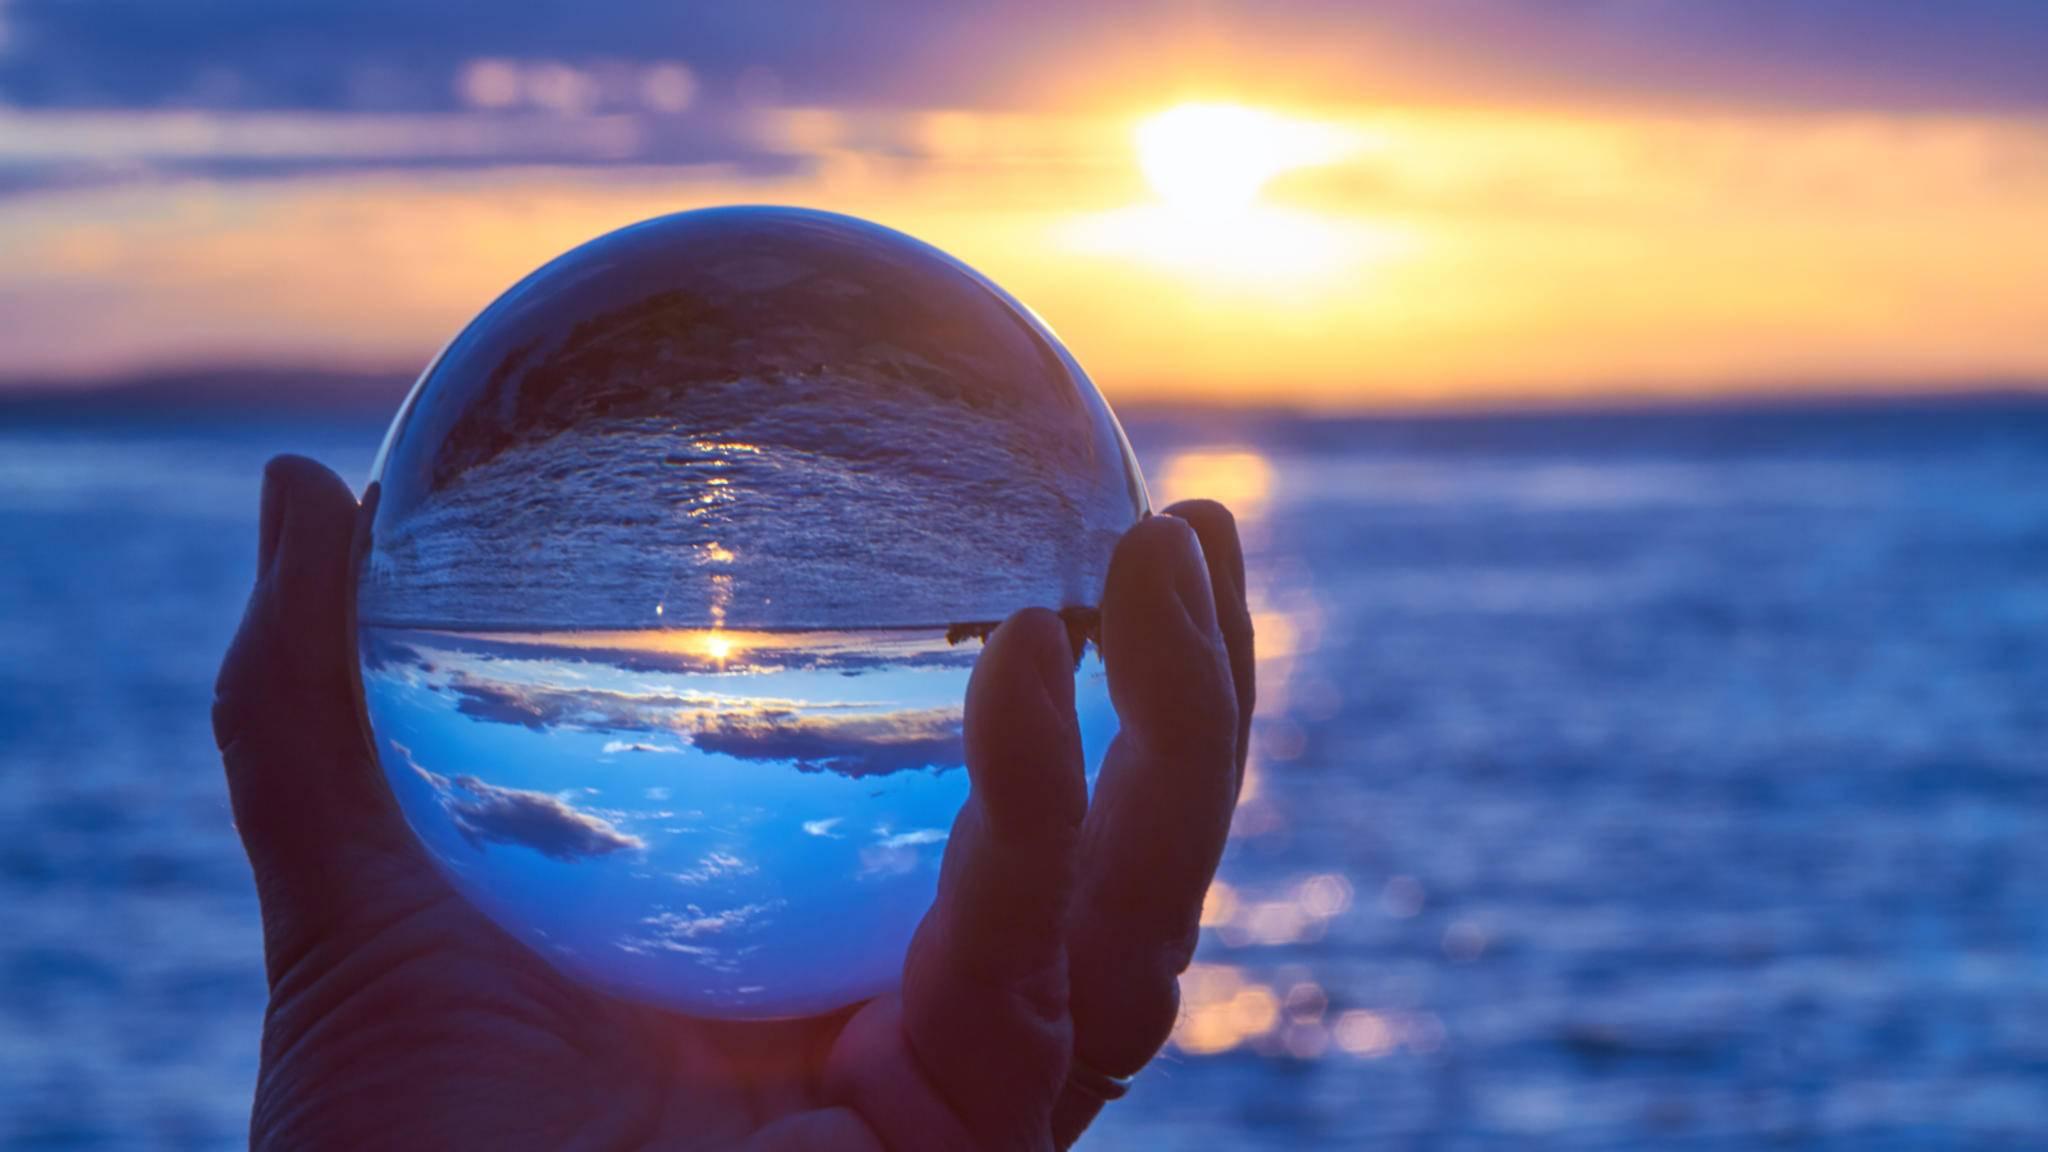 Die Welt in der Kugel: Die Glaskugel-Fotografie schafft wundervoll verträumte Bilder.